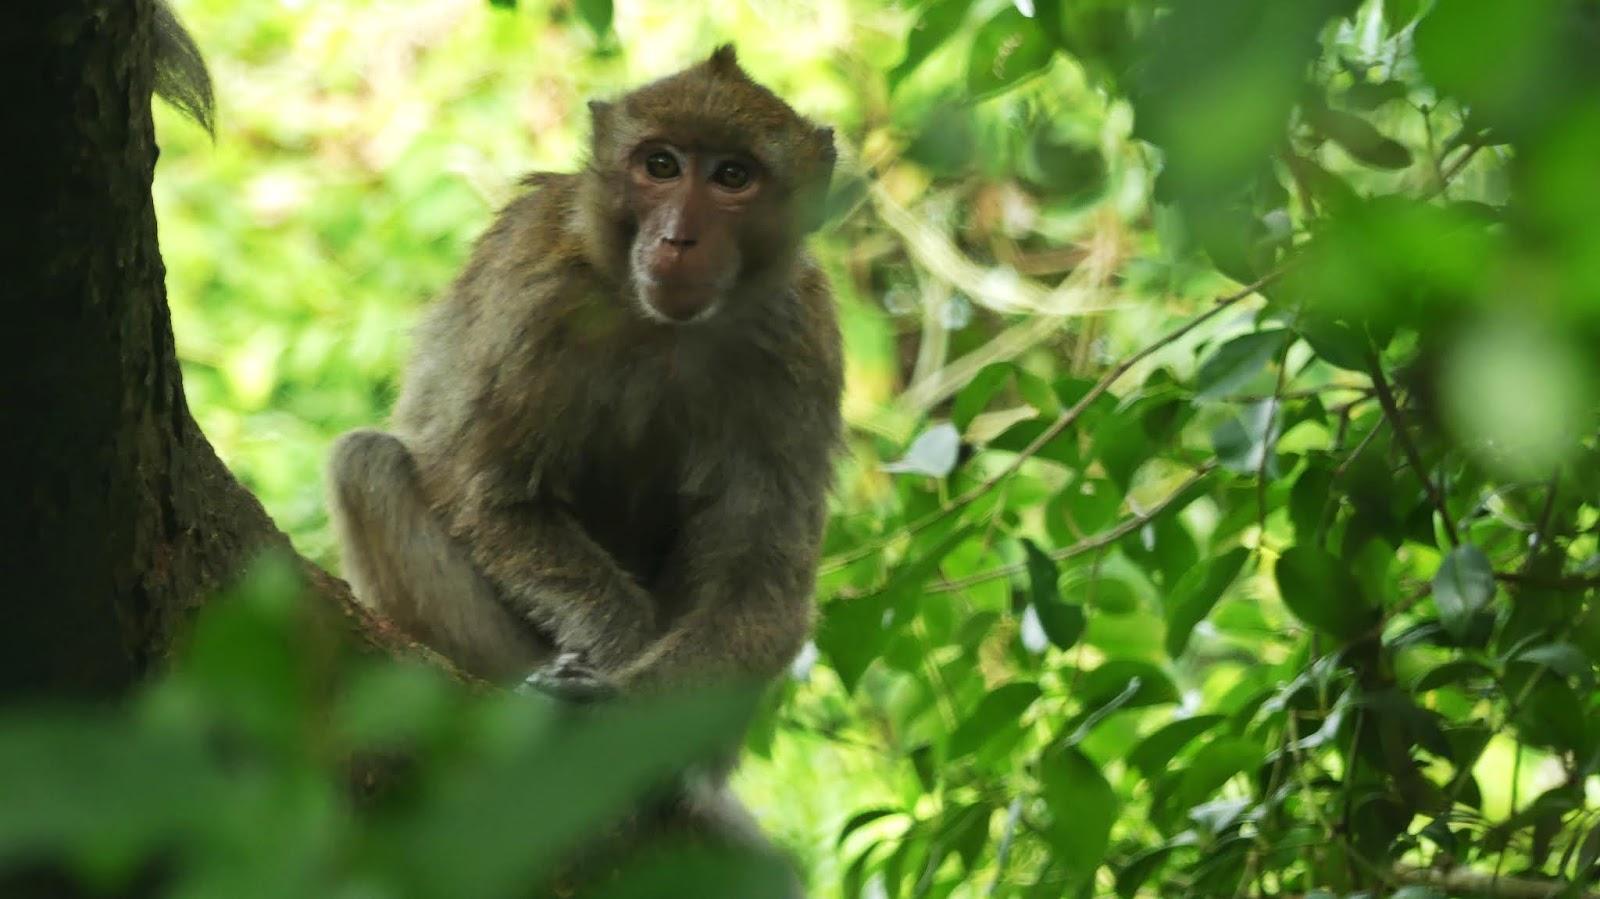 wyspa małp Cat Ba Monkey Island - małpy Wietnam